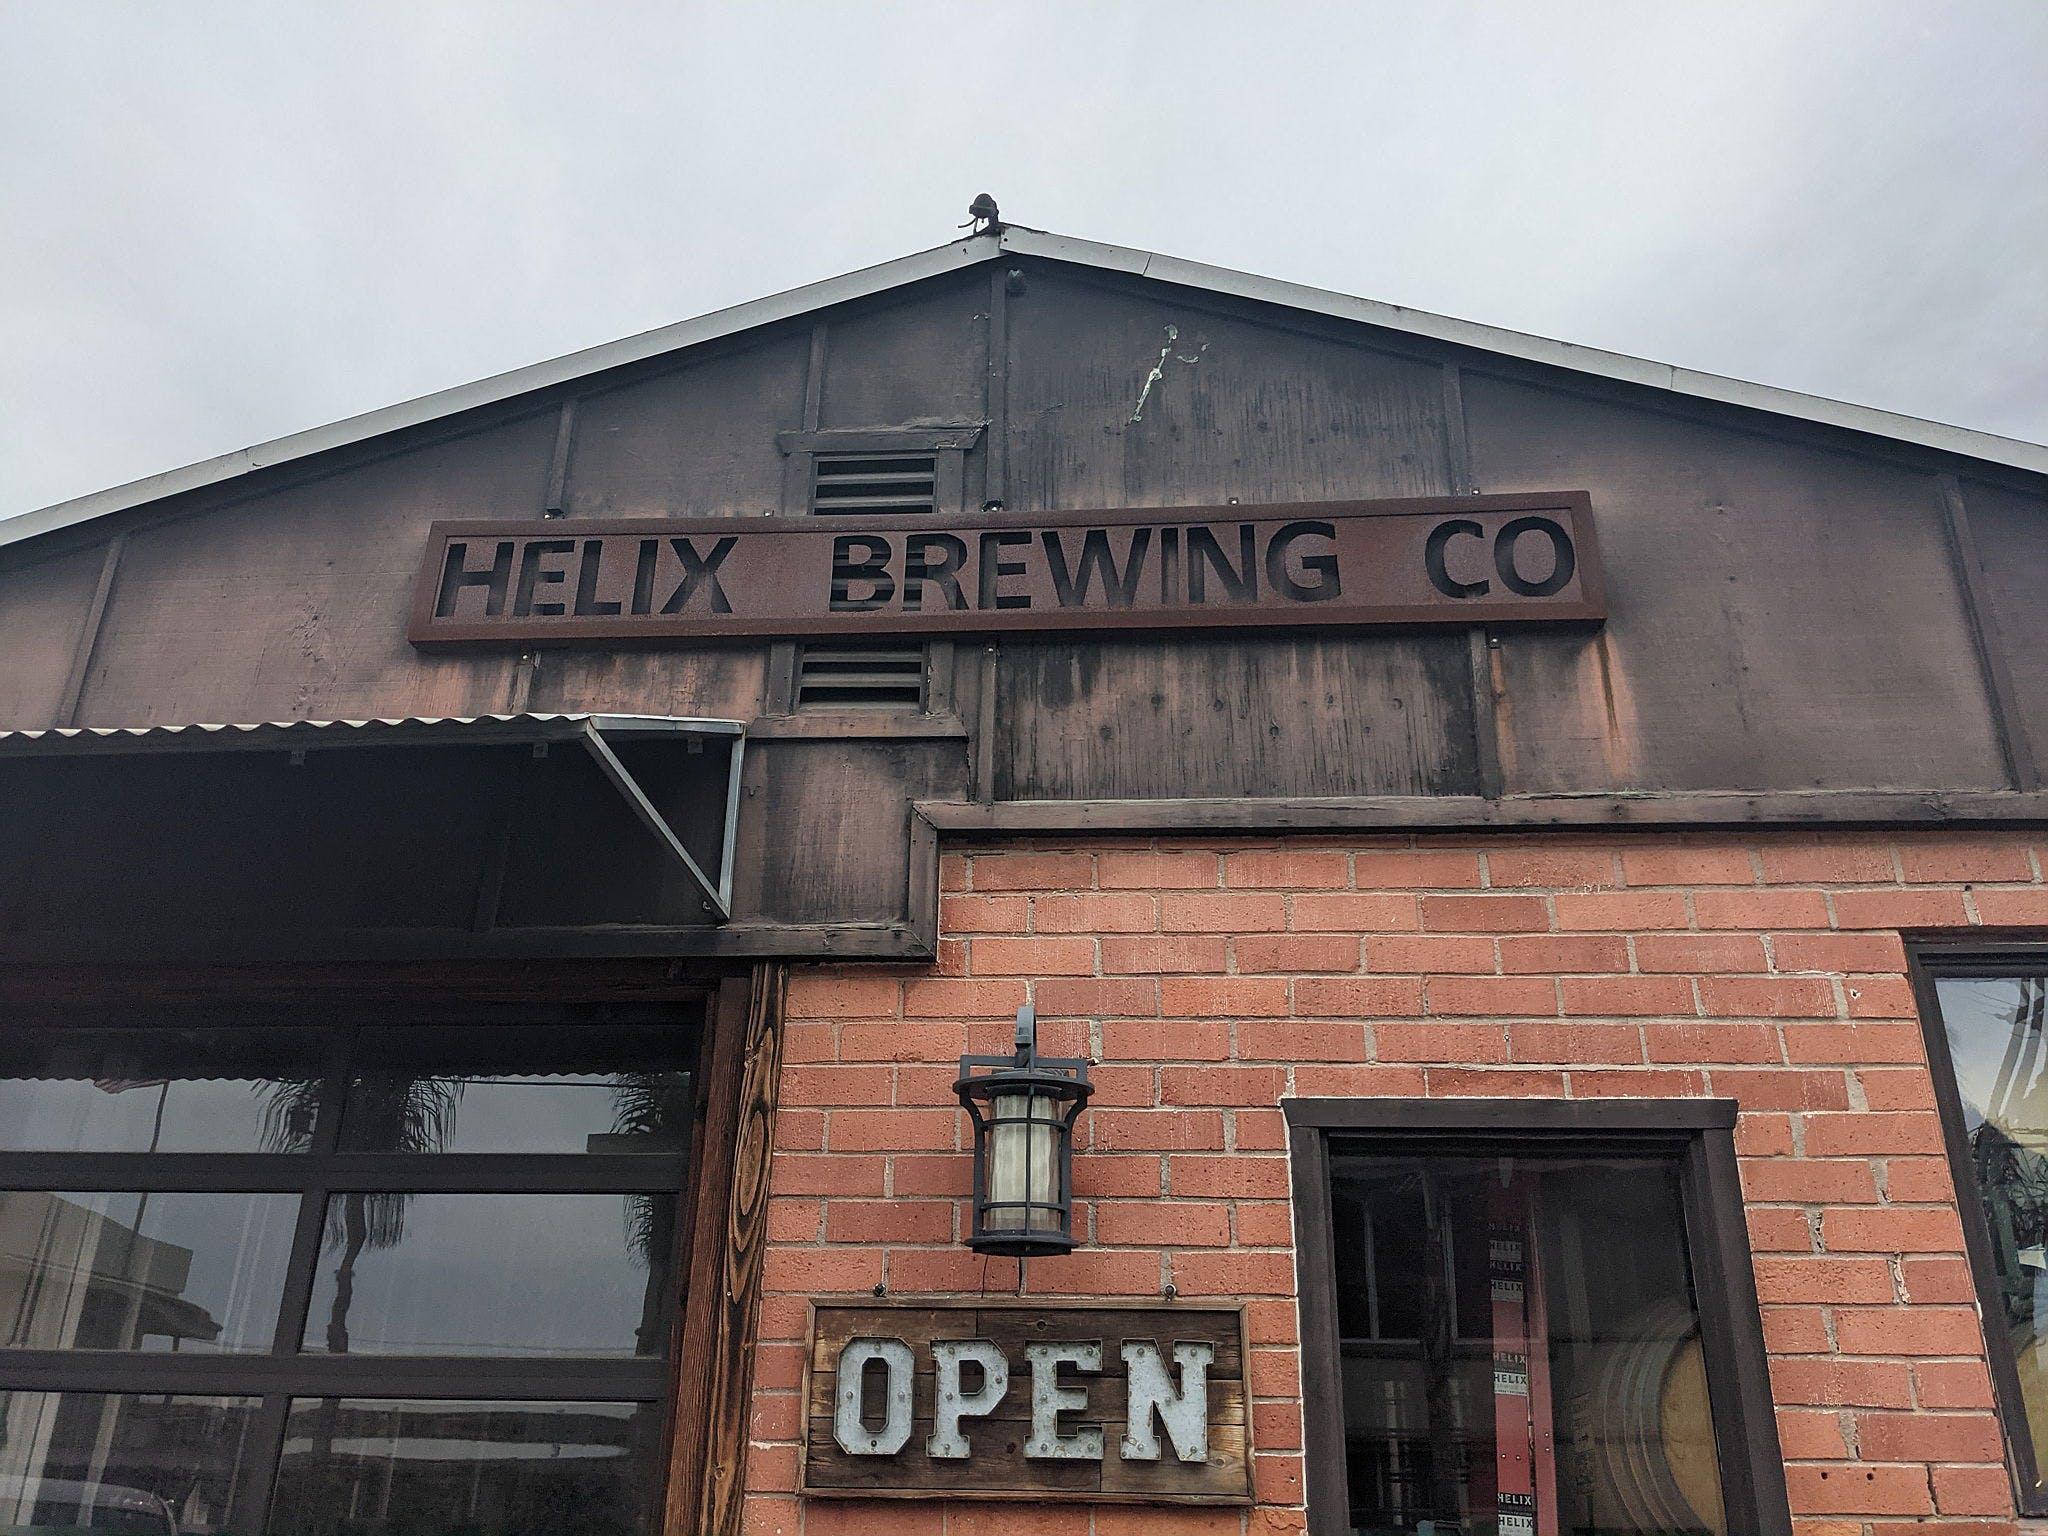 Helix Brewing Co. outdoor brick entranceway